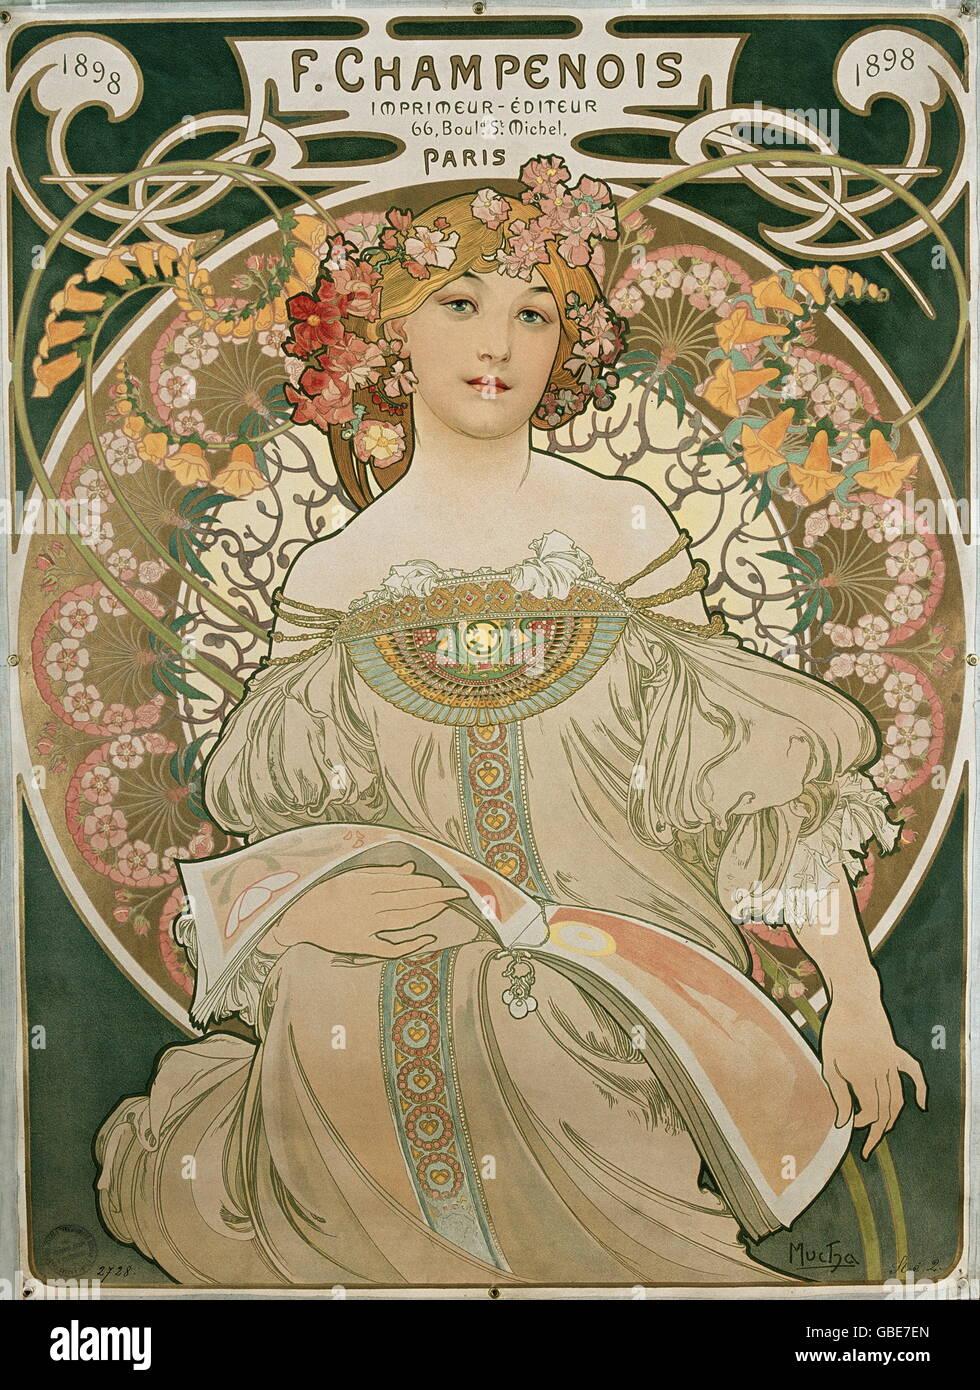 Bildende Kunst, Mucha, Alphonse (24.8.1860 - 14.7.1939), farbige Lithographie, 'Träumerei', 1897 Stockfoto